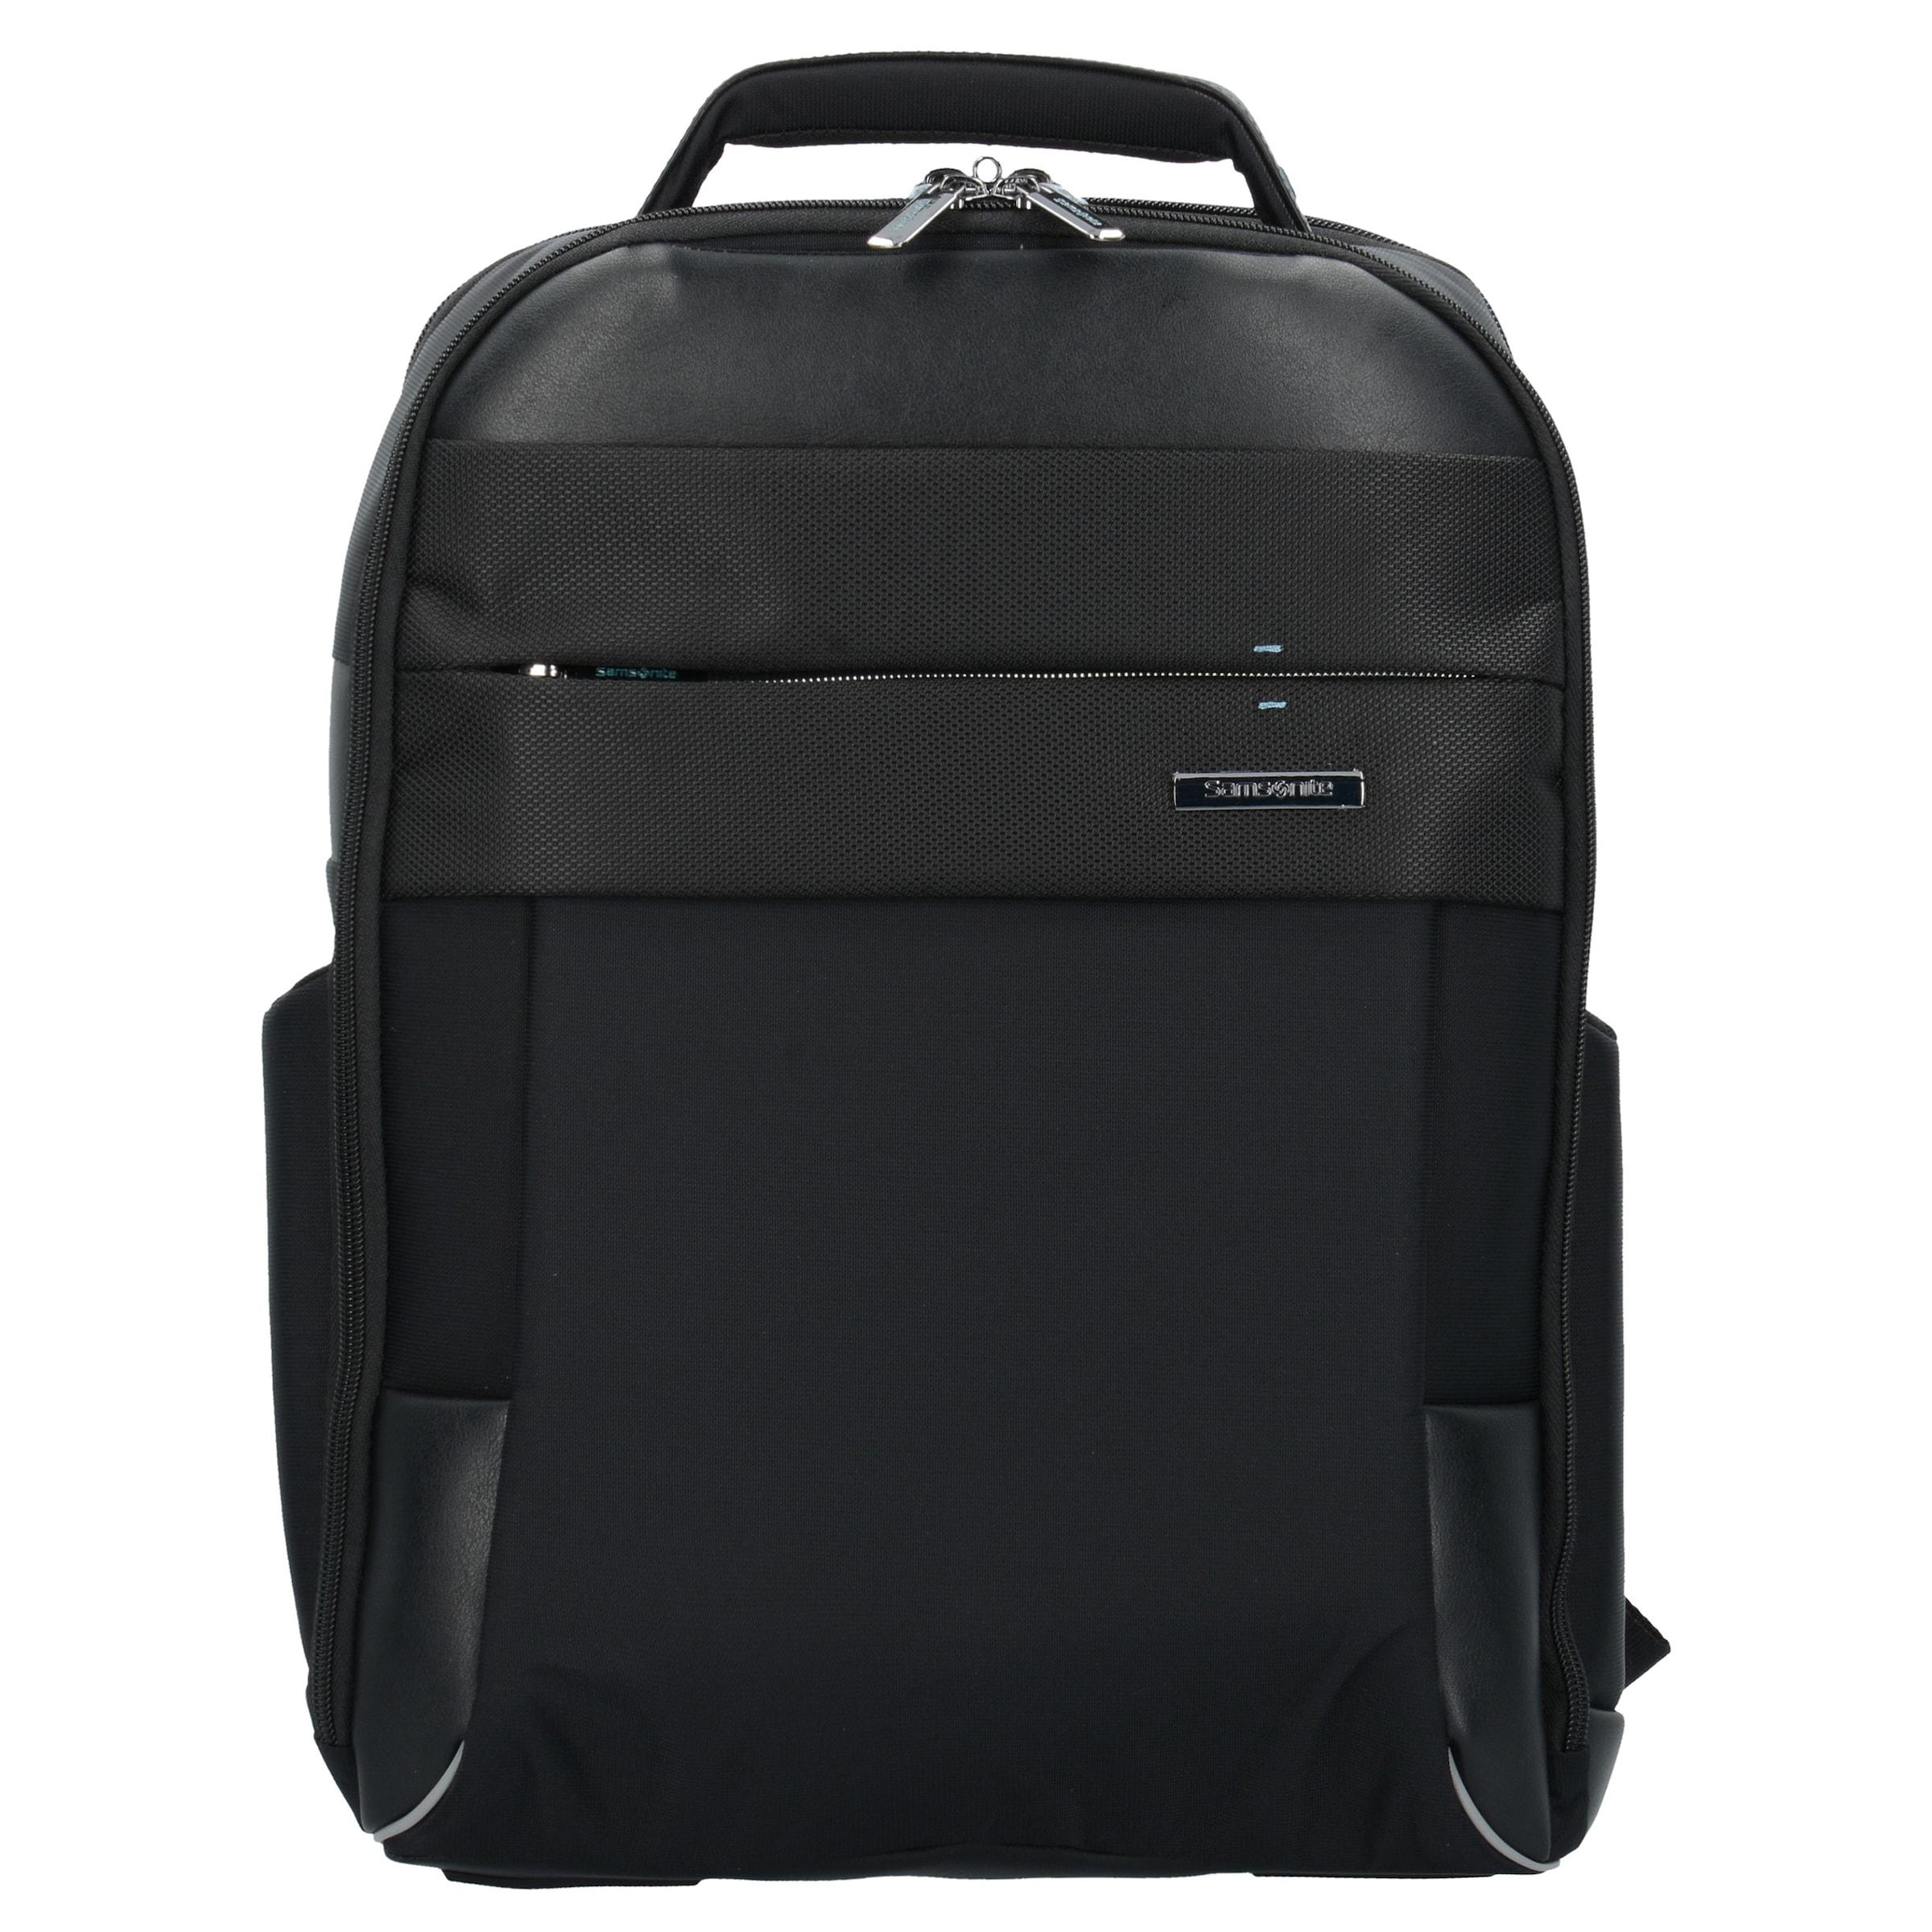 SAMSONITE 'Spectrolite 2.0' Business Rucksack 40 cm Laptopfach Verkauf Geschäft Bestbewertet qB1O5